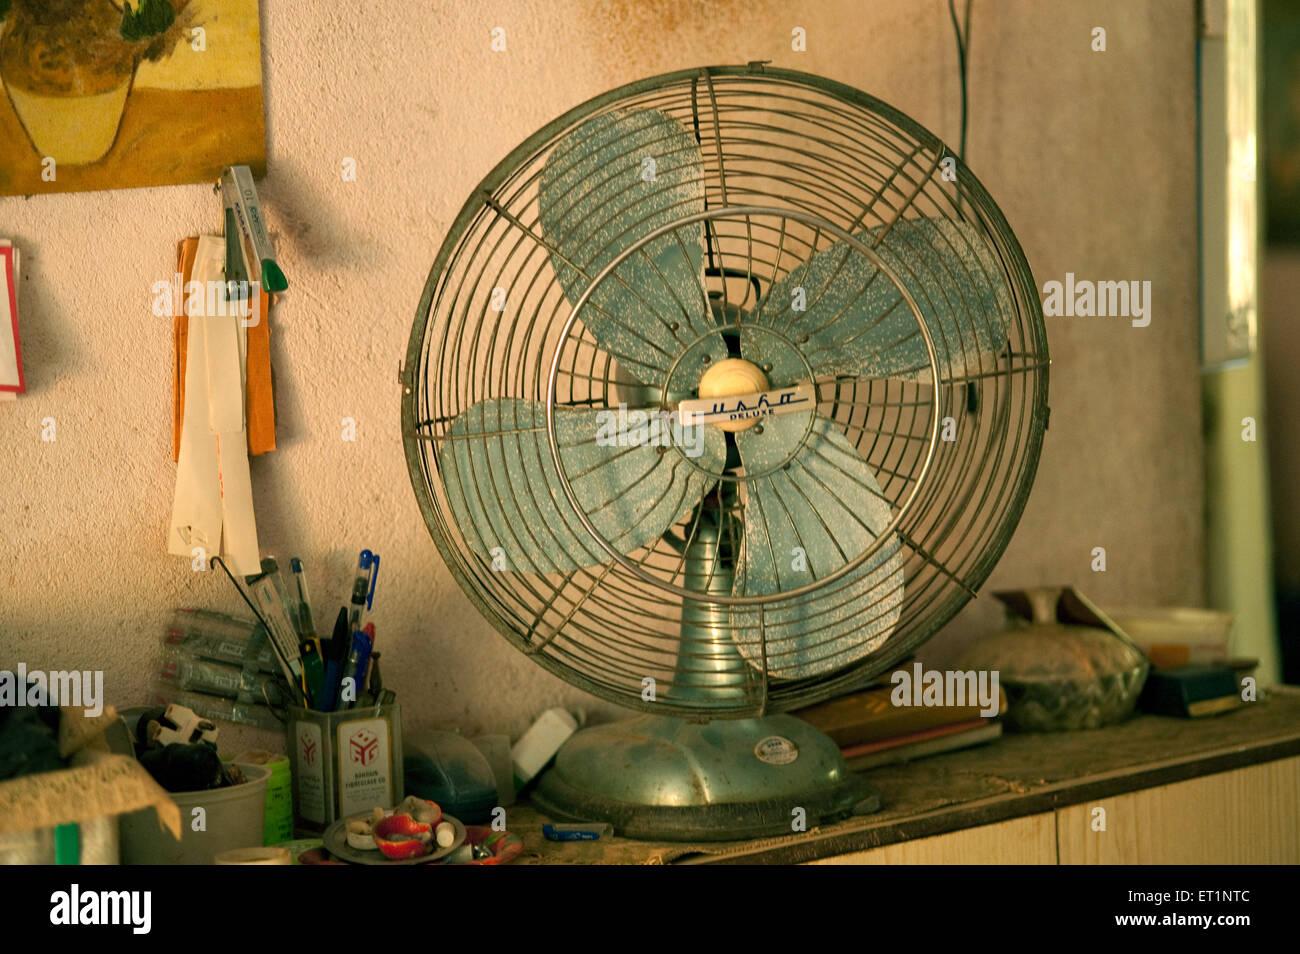 Antiguo ventilador de mesa Imagen De Stock